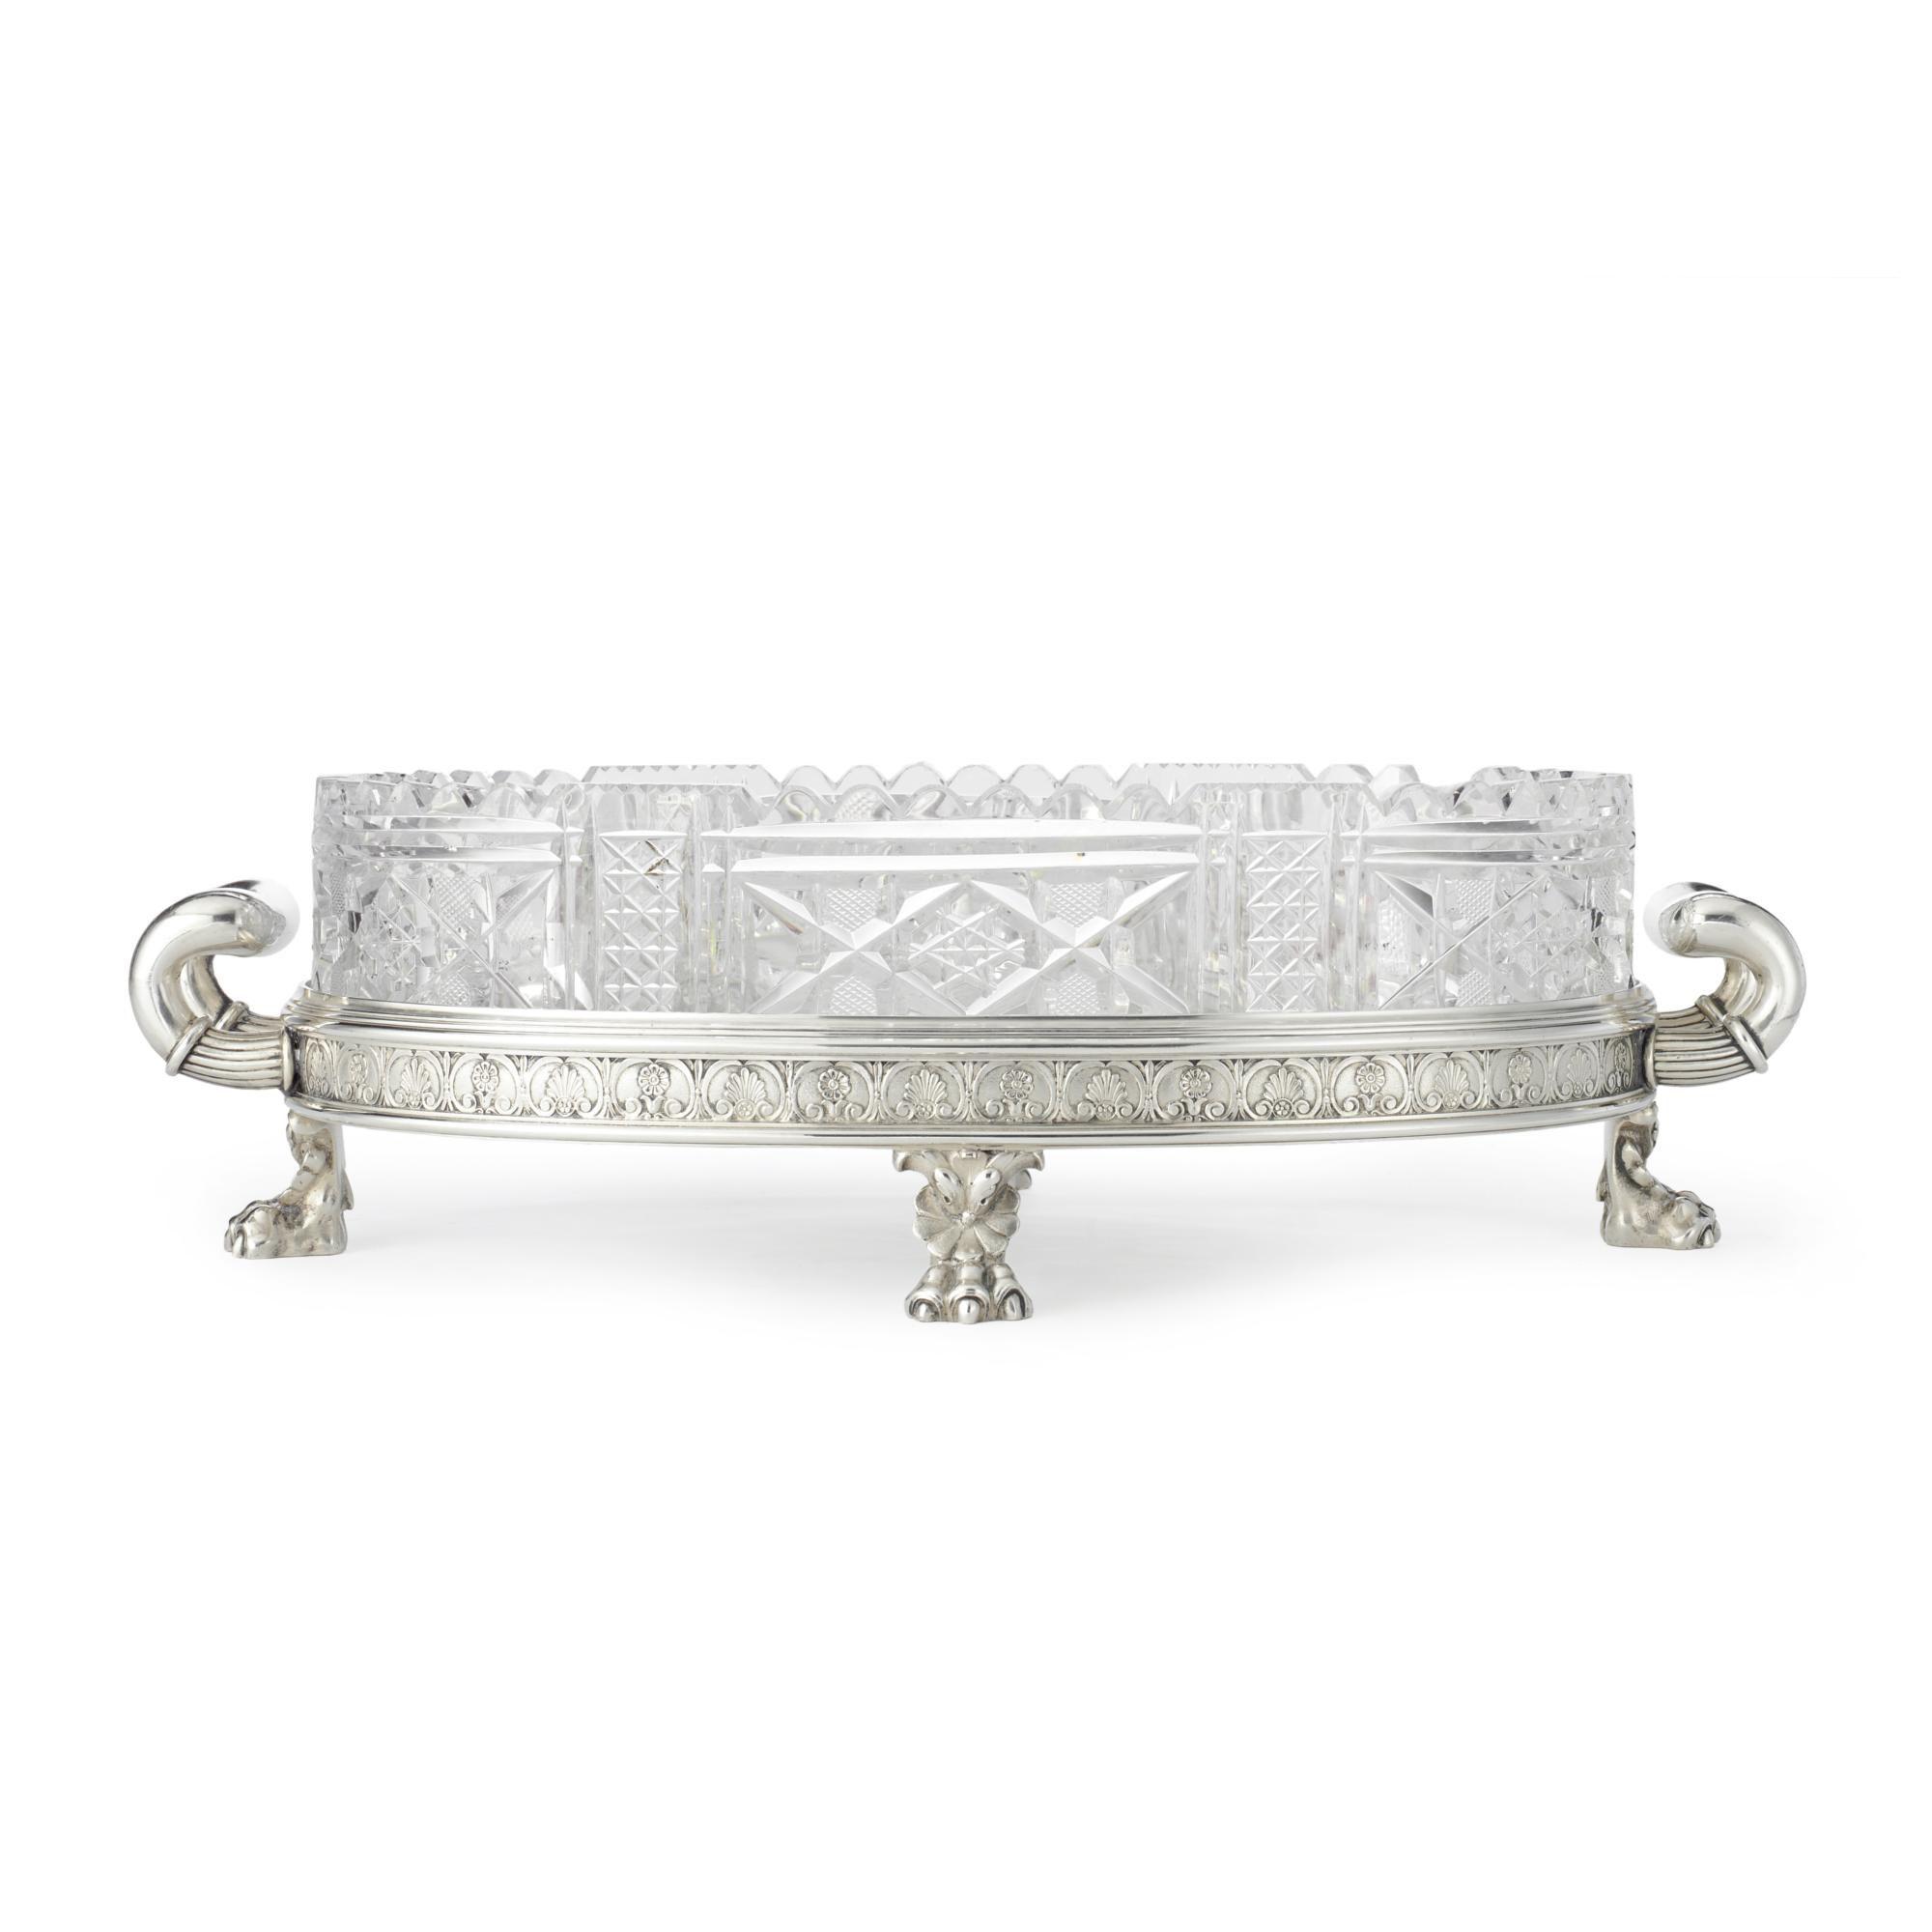 una plata Fabergé y la pieza central de cristal cortado, Moscú ...